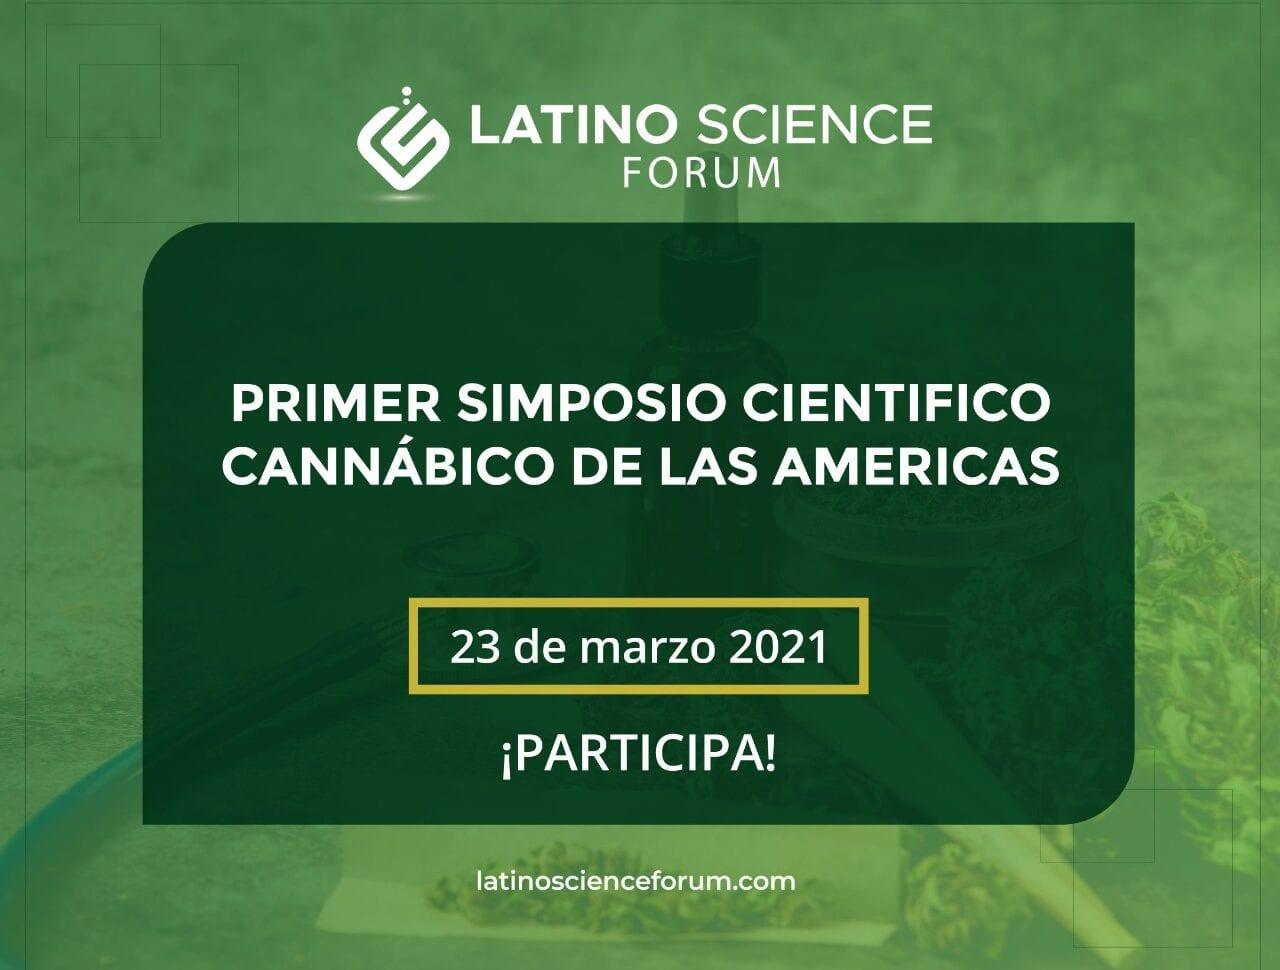 Latino Science Forum